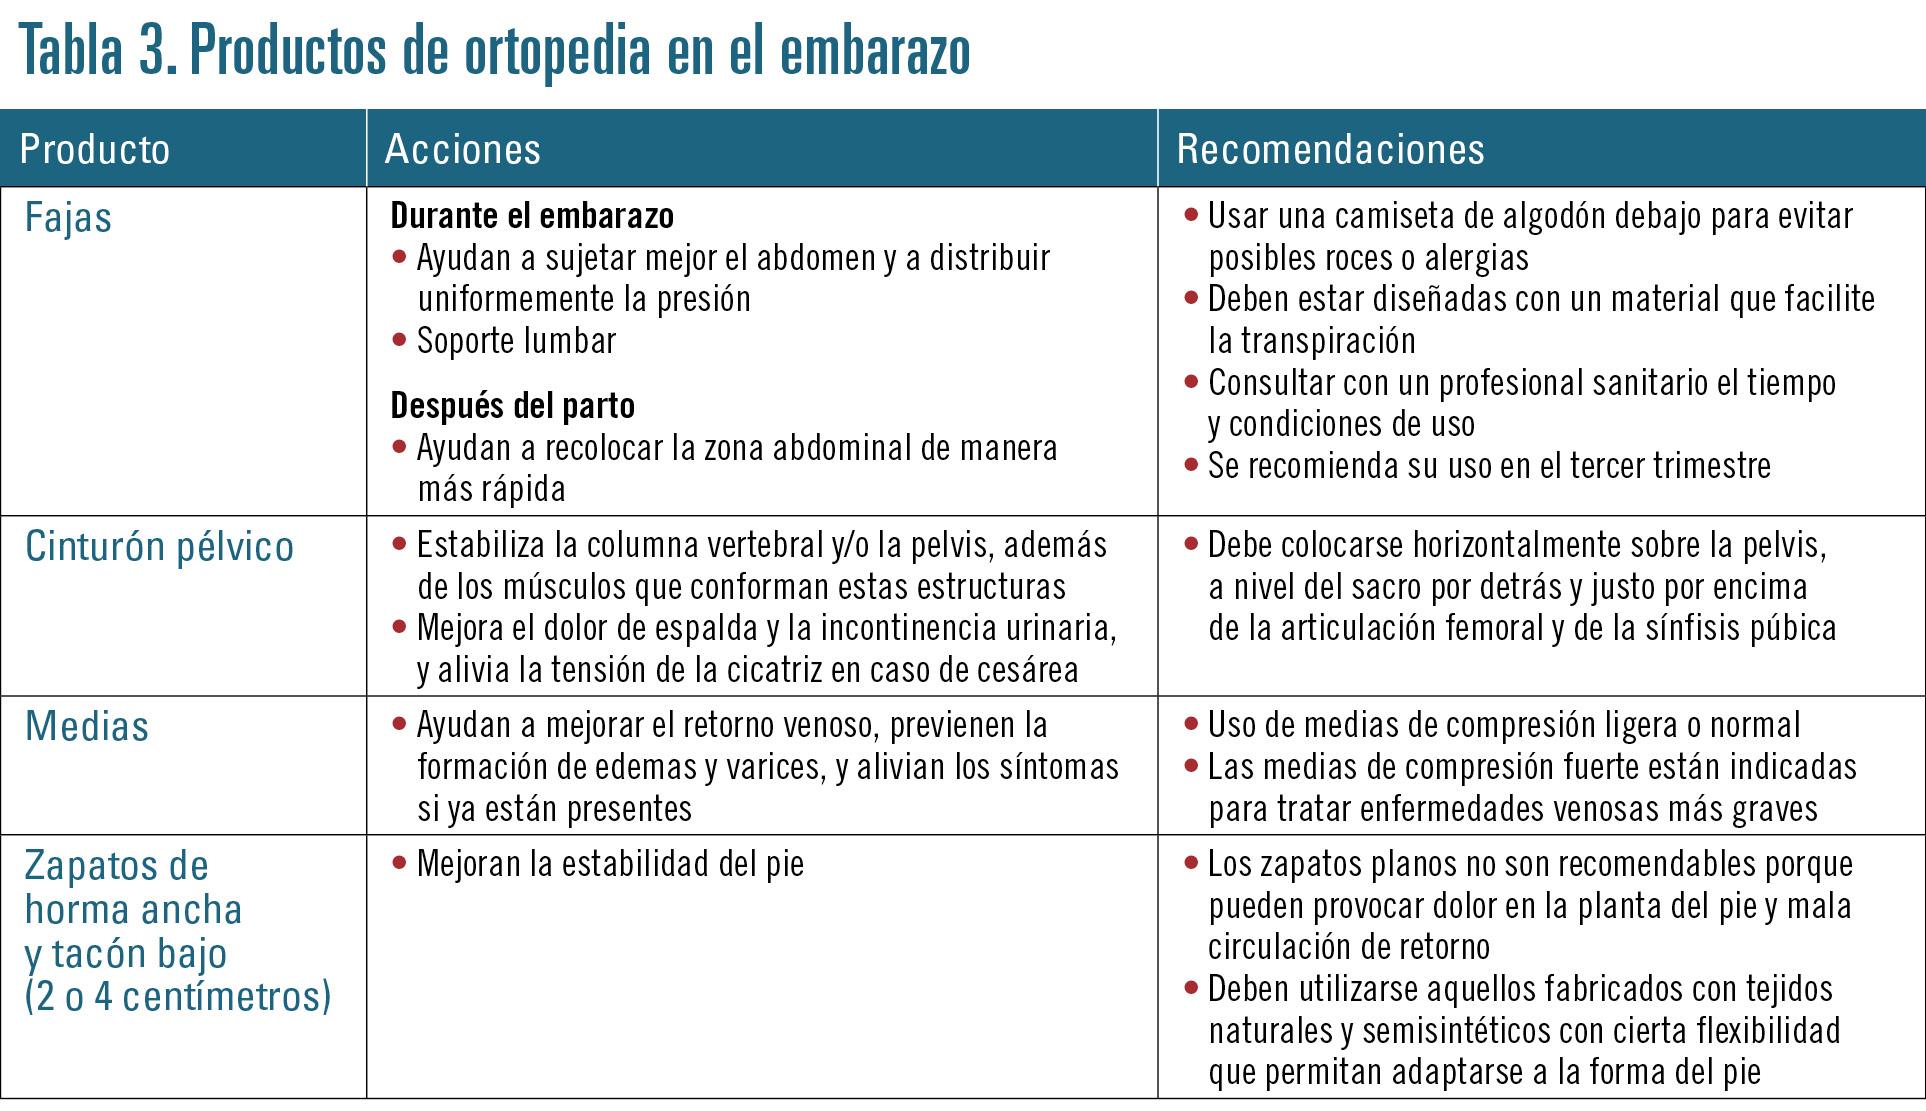 23 EF580 PROFESION CUIDADOS EMBARAZO tabla 3